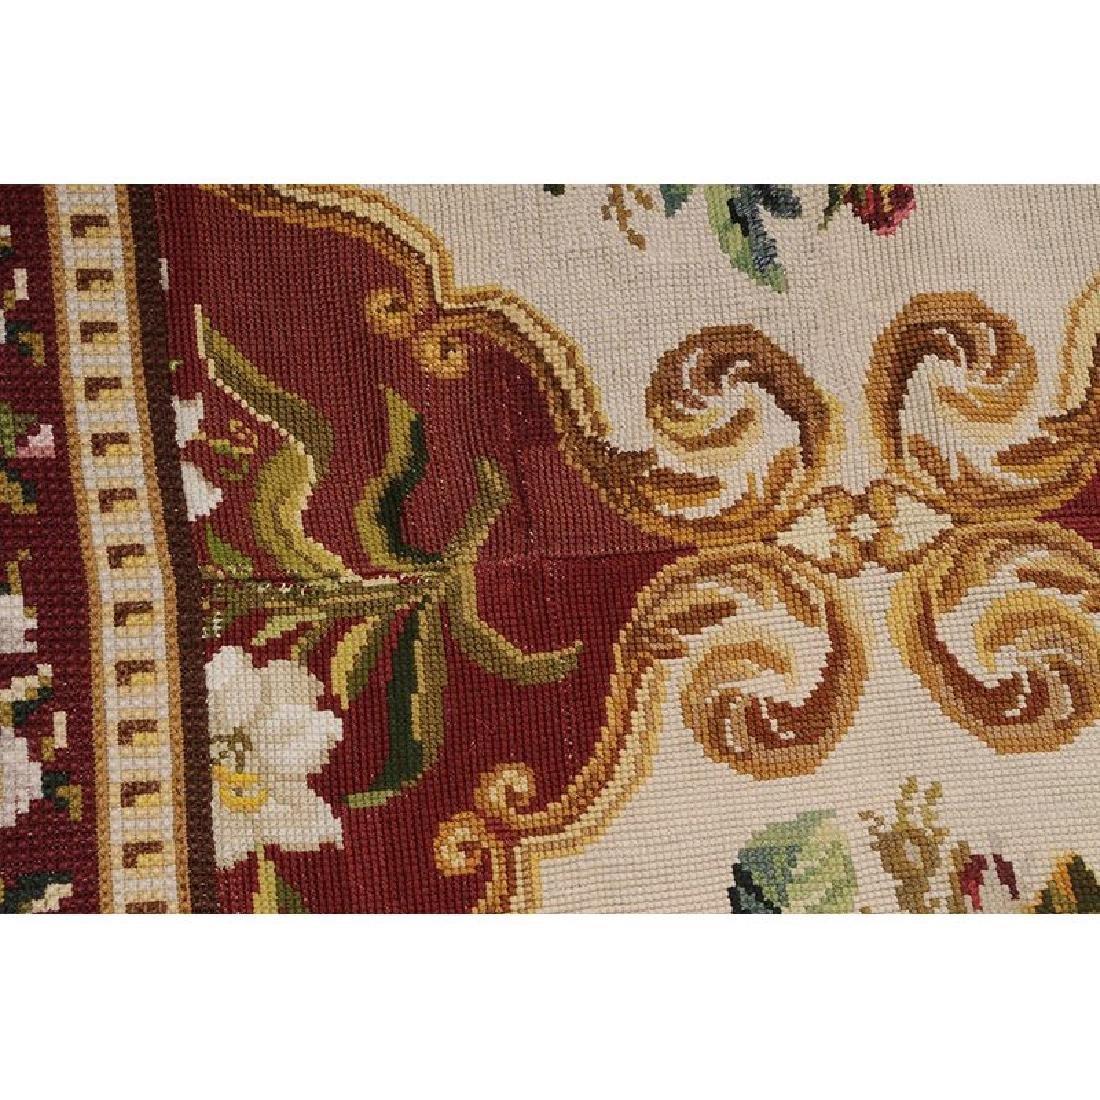 English Needlework Carpet - 3